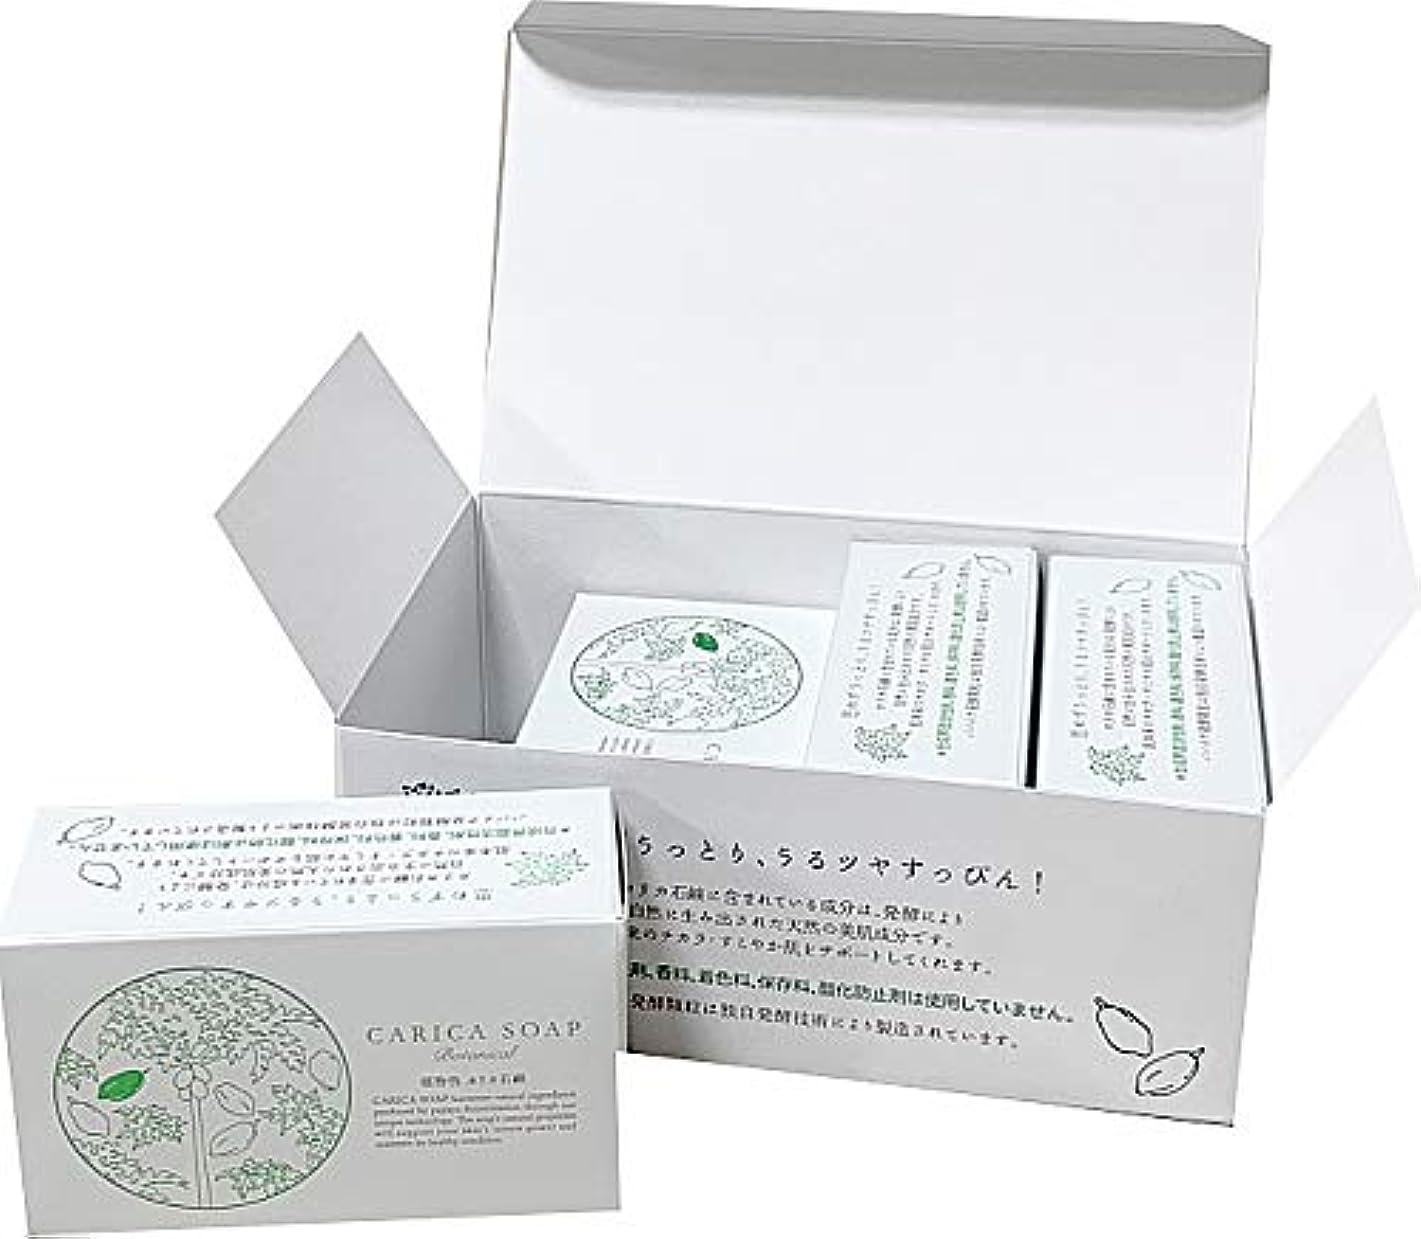 舞い上がるグラフ勧める植物性カリカ石鹸100g お得な4個セット(箱入)